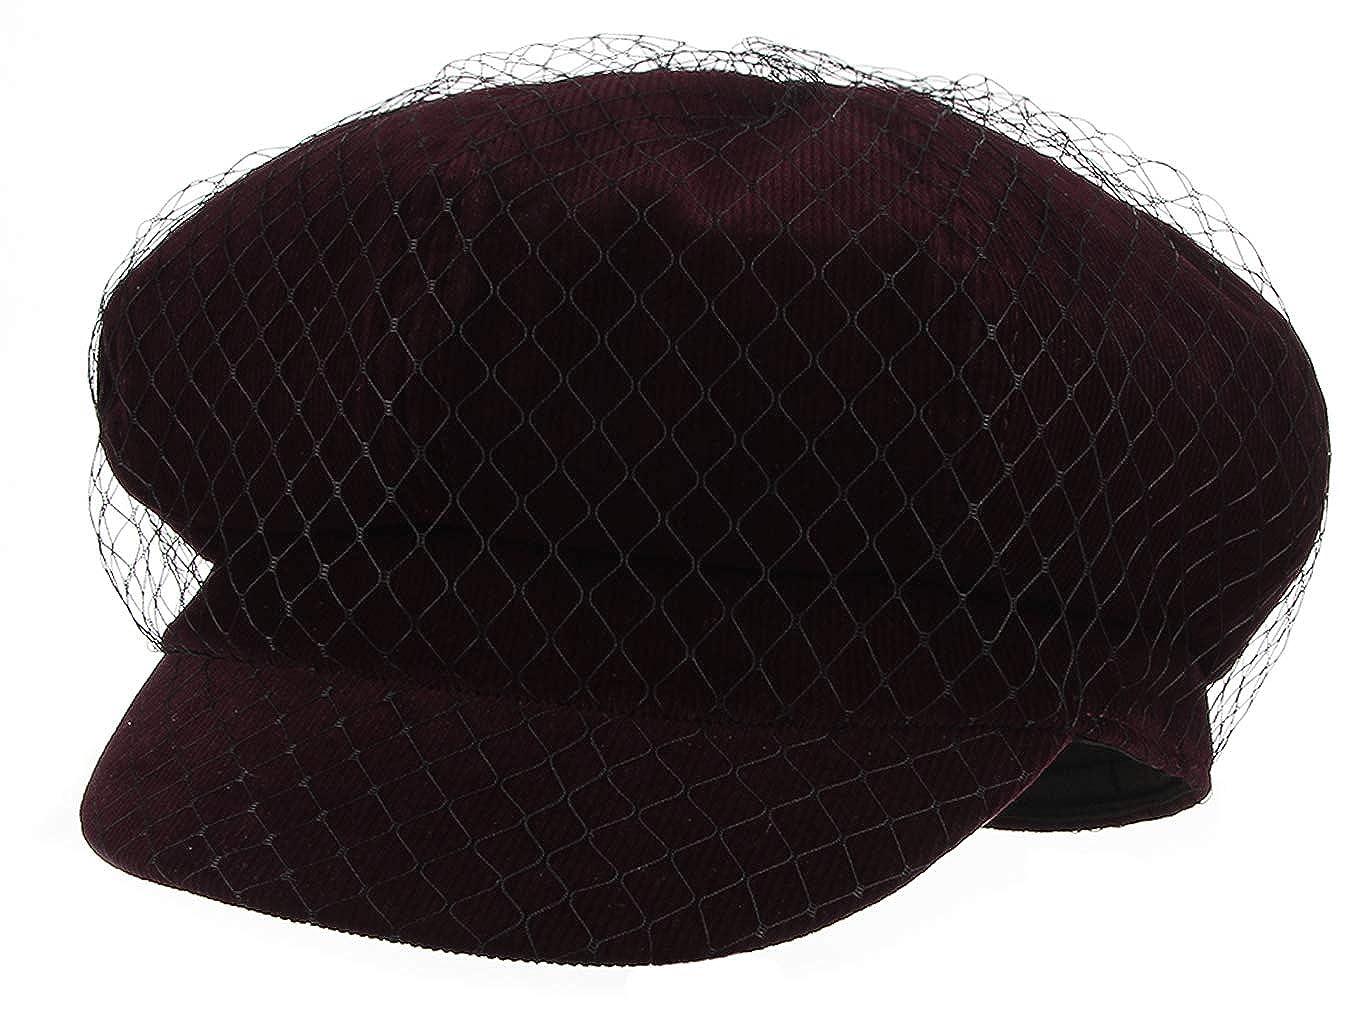 GEMVIE B/éret Homme Hiver Vintage avec Cache-Oreille Casquette Plat Newsboy Ajustable Chapeau Epais pour Hiver